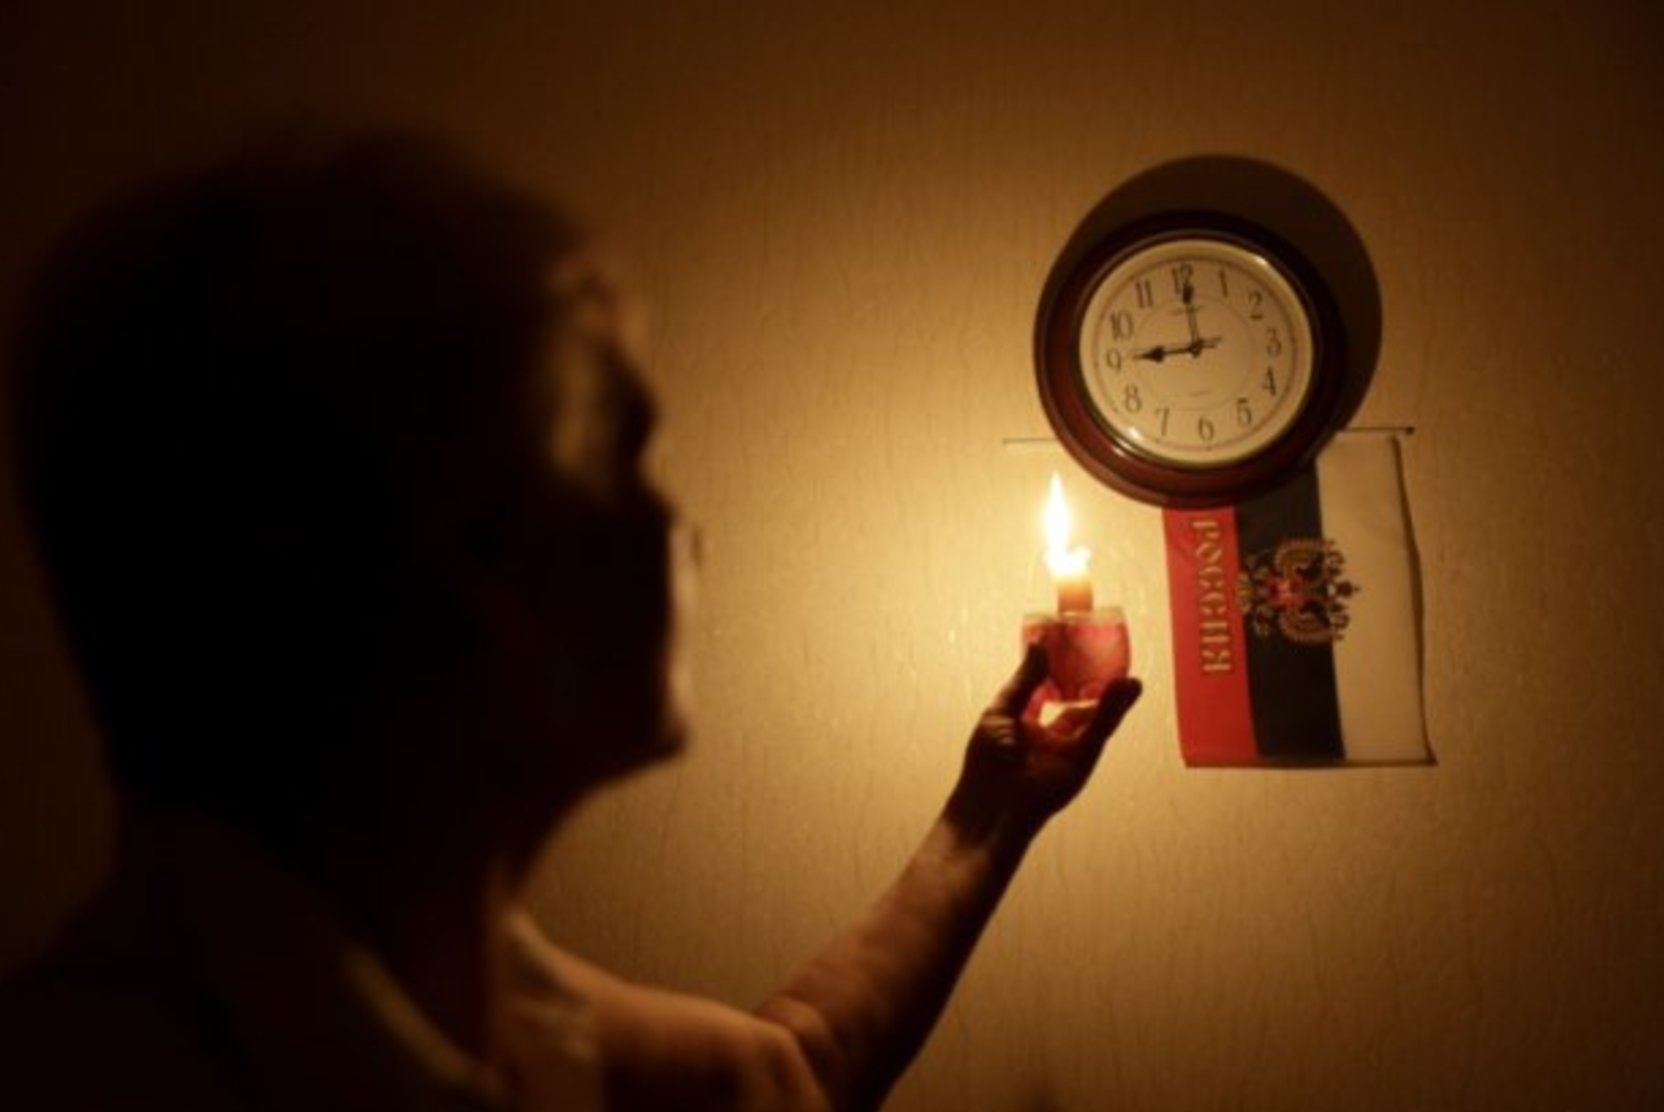 Более 80 тысяч жителей Нижегородской и Костромской областей остались без электричества